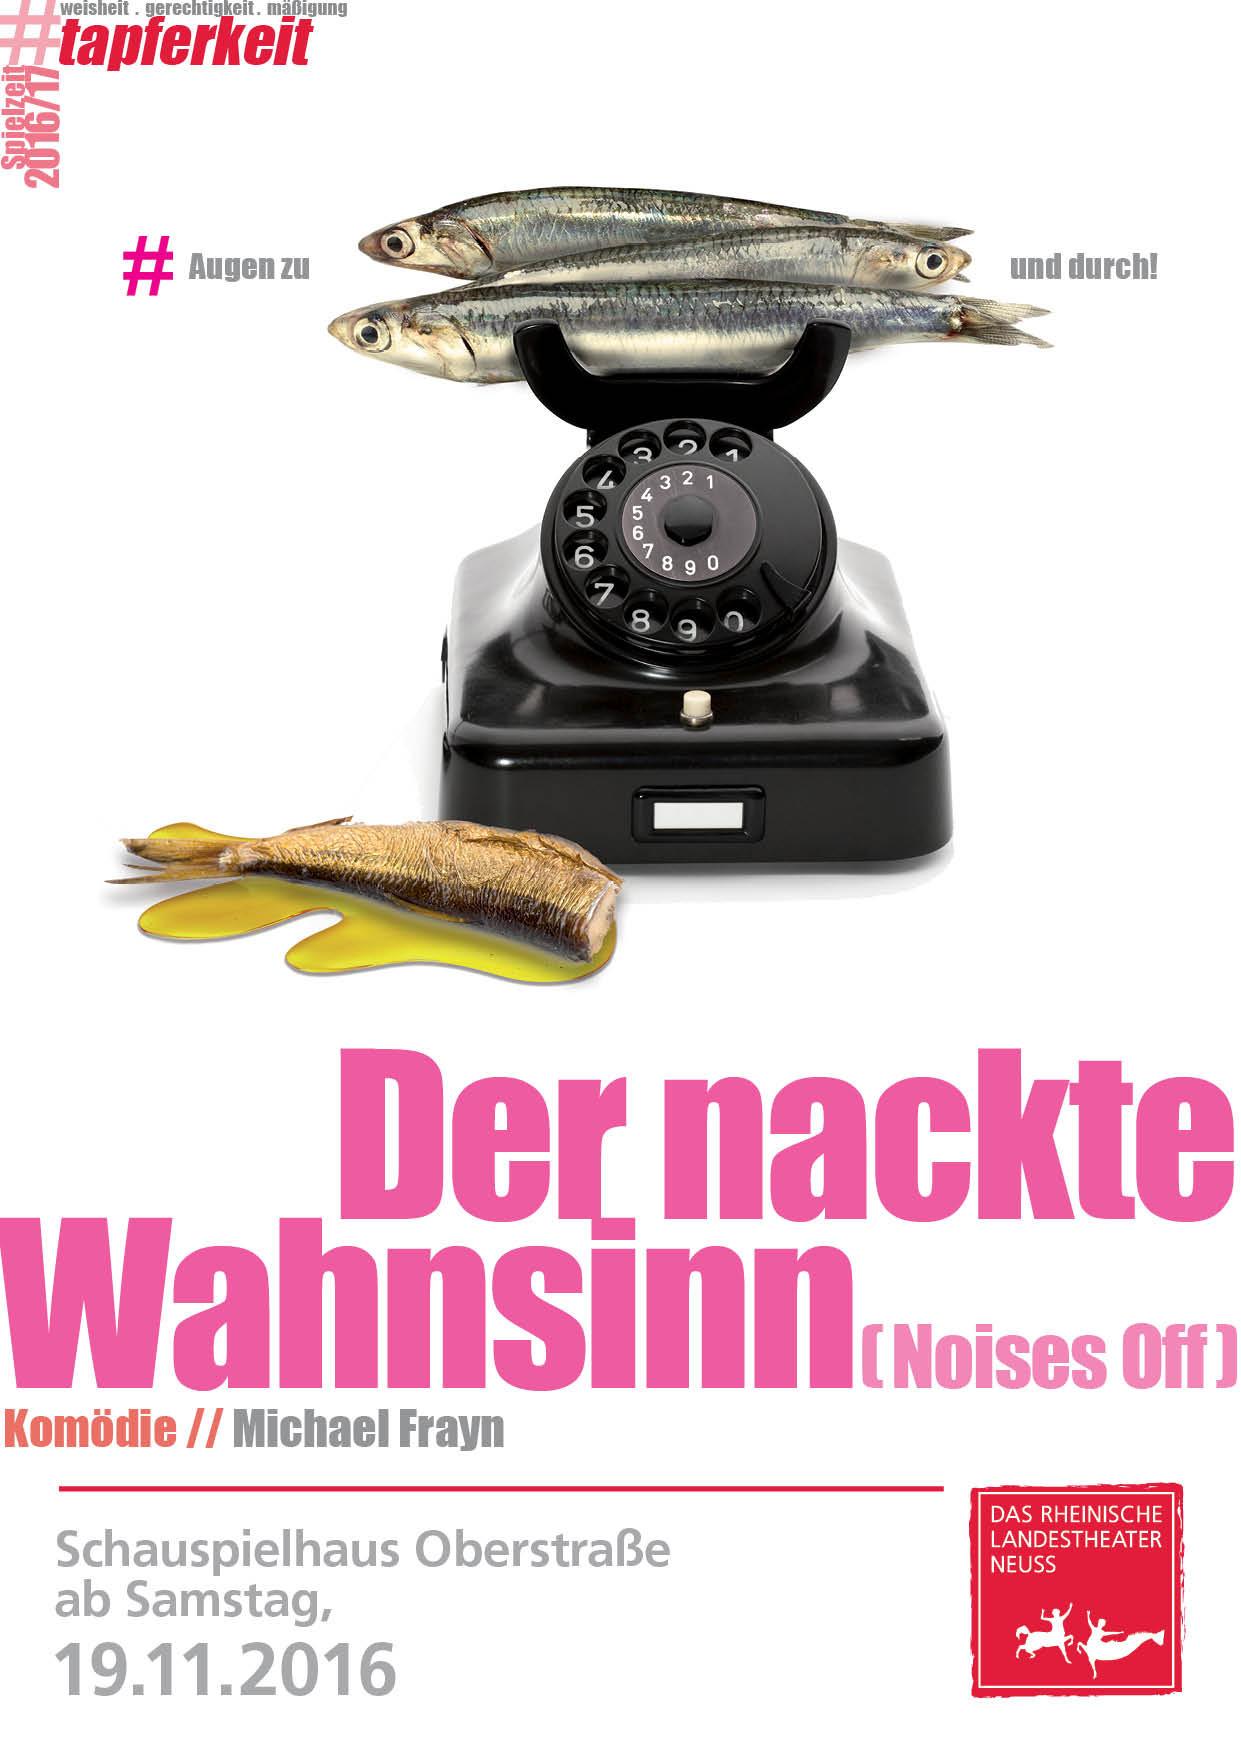 Der nackte Wahnsinn (Noises Off)